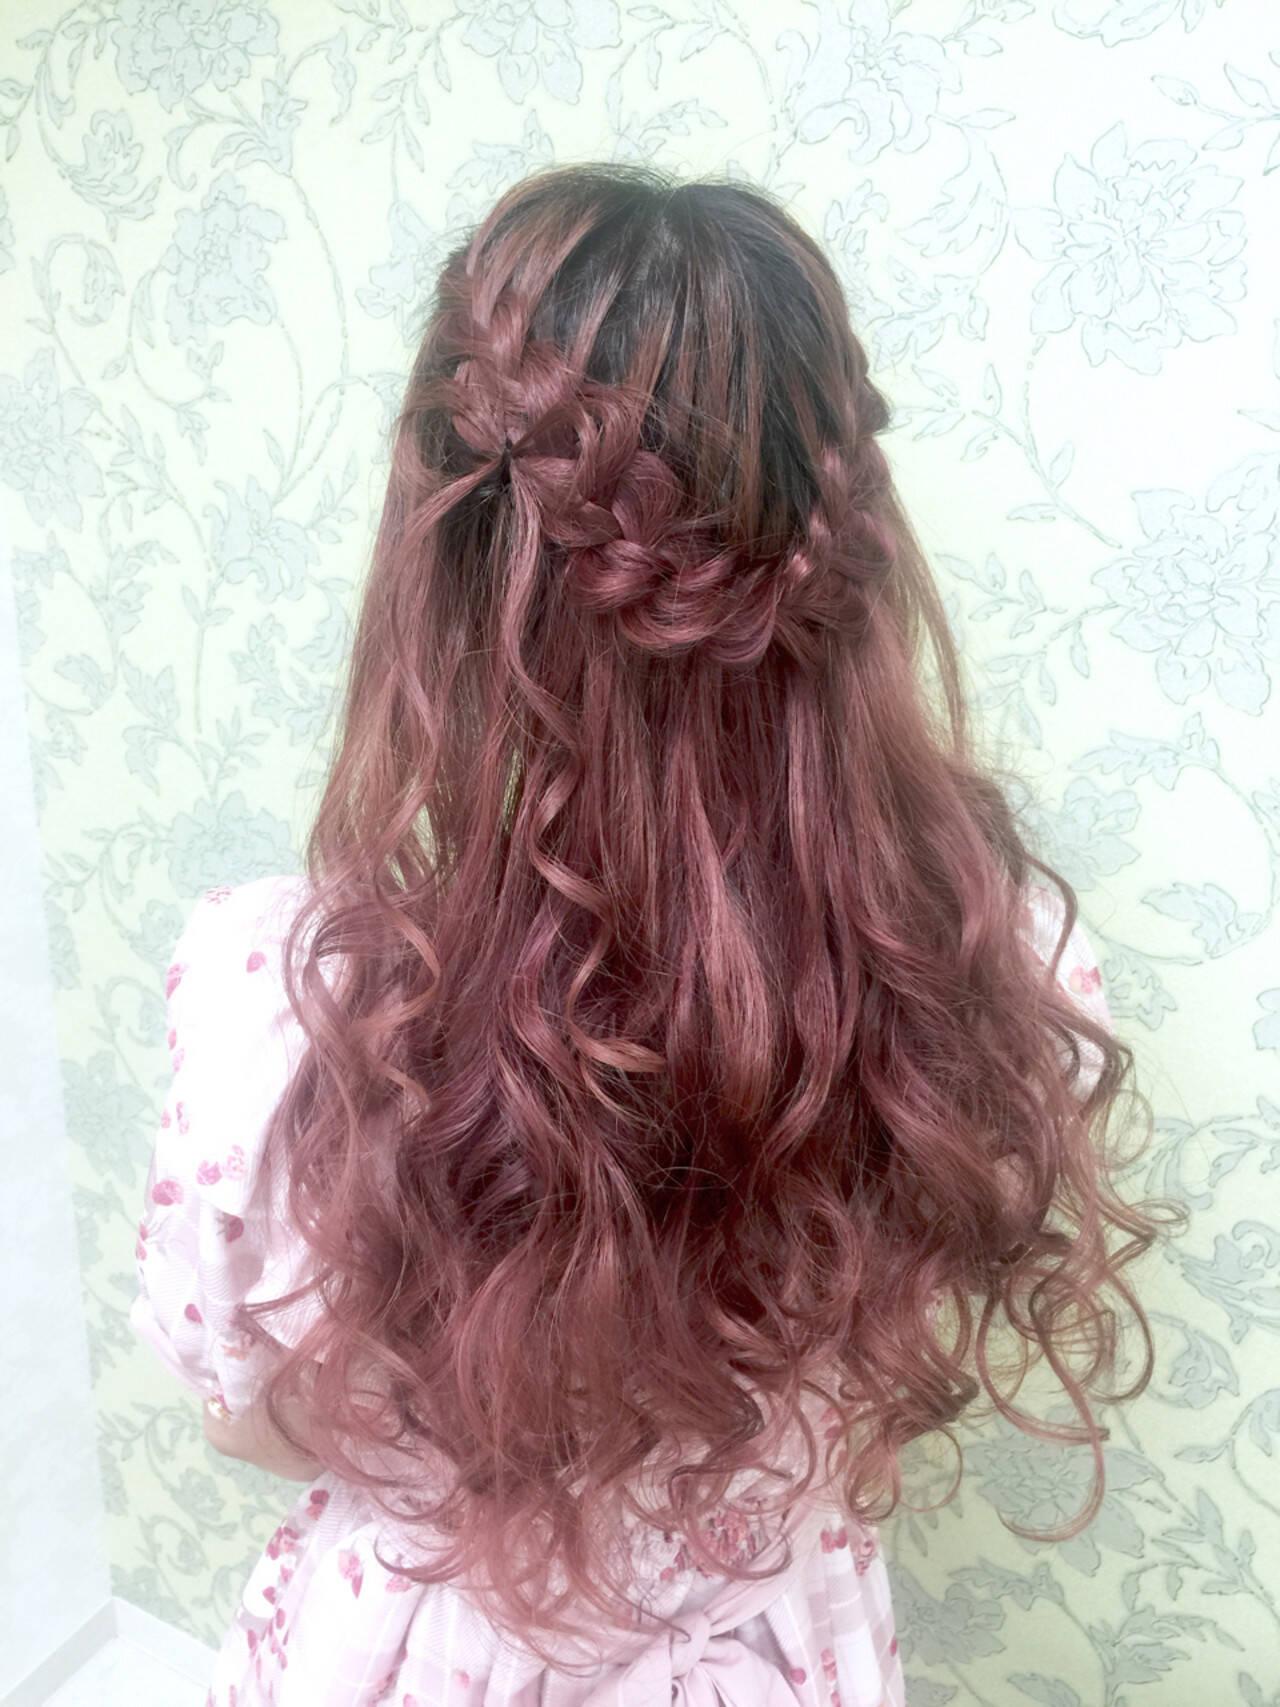 ゆるふわ ハーフアップ ロング ヘアアレンジヘアスタイルや髪型の写真・画像